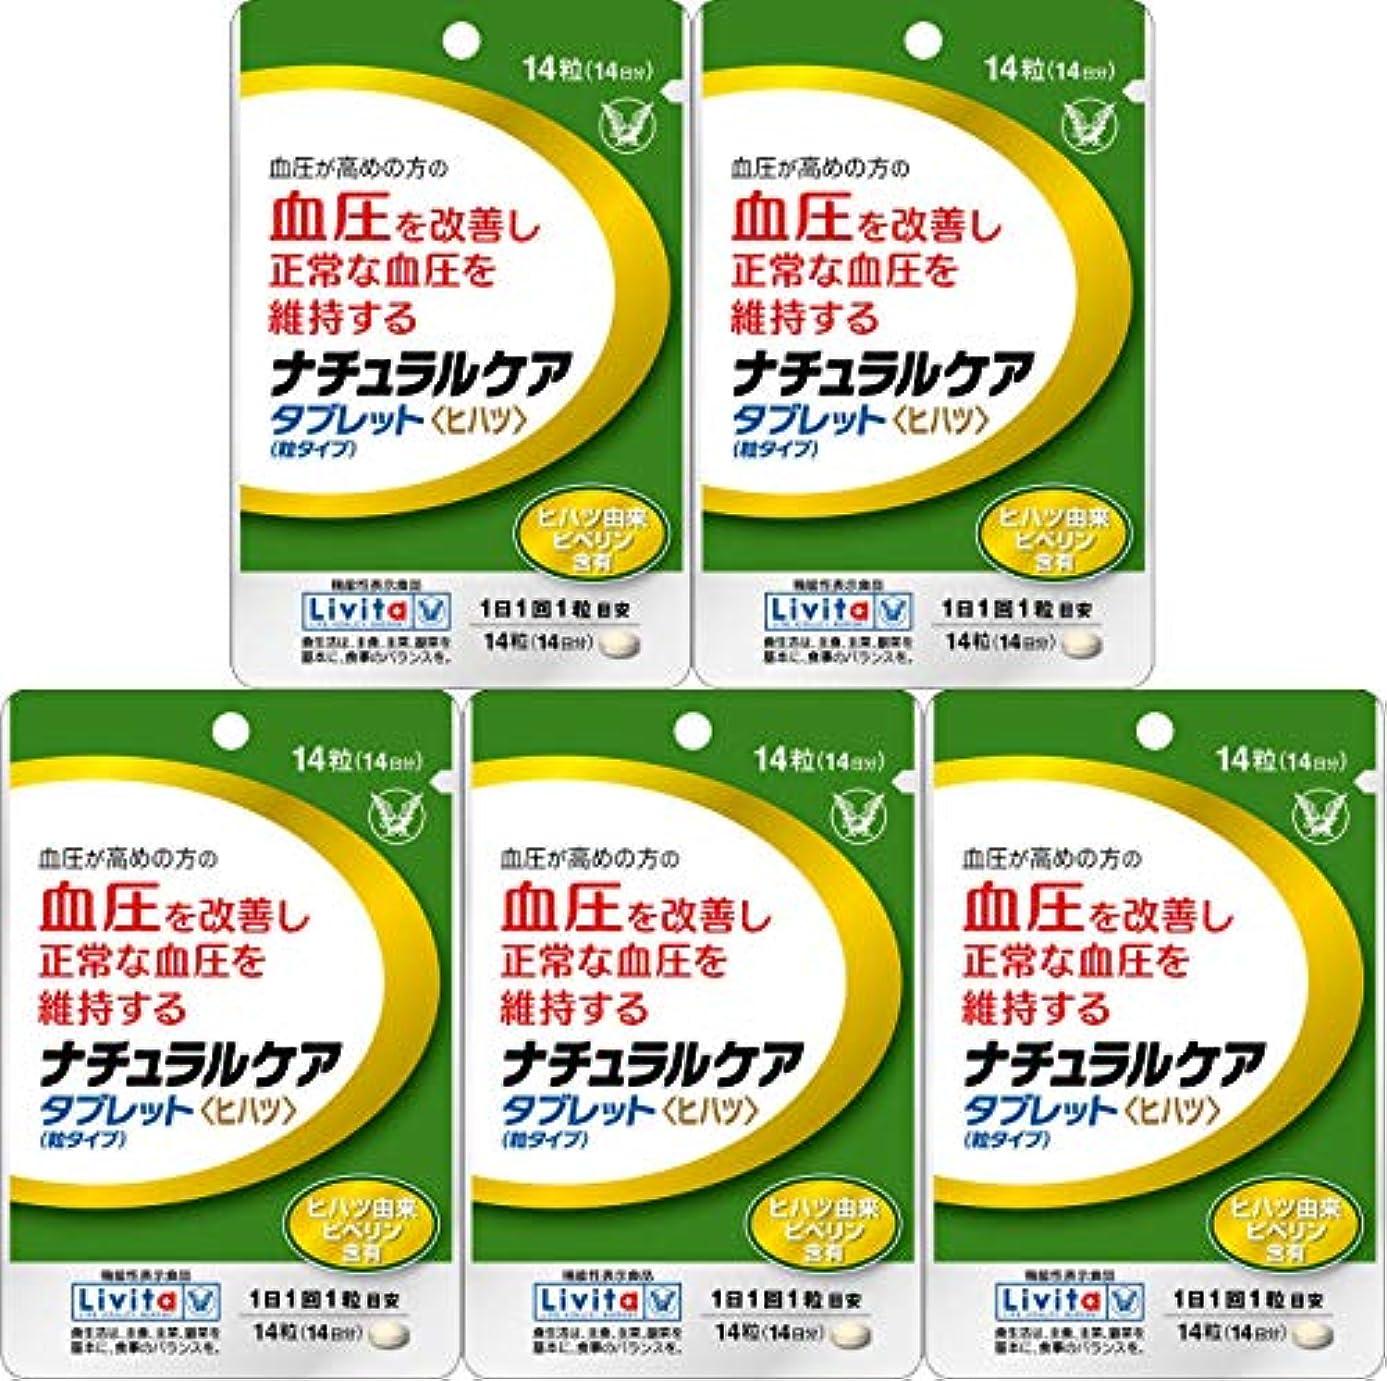 レイプ収まる独立した【5個セット】ナチュラルケア タブレット<ヒハツ> 14粒(機能性表示食品)